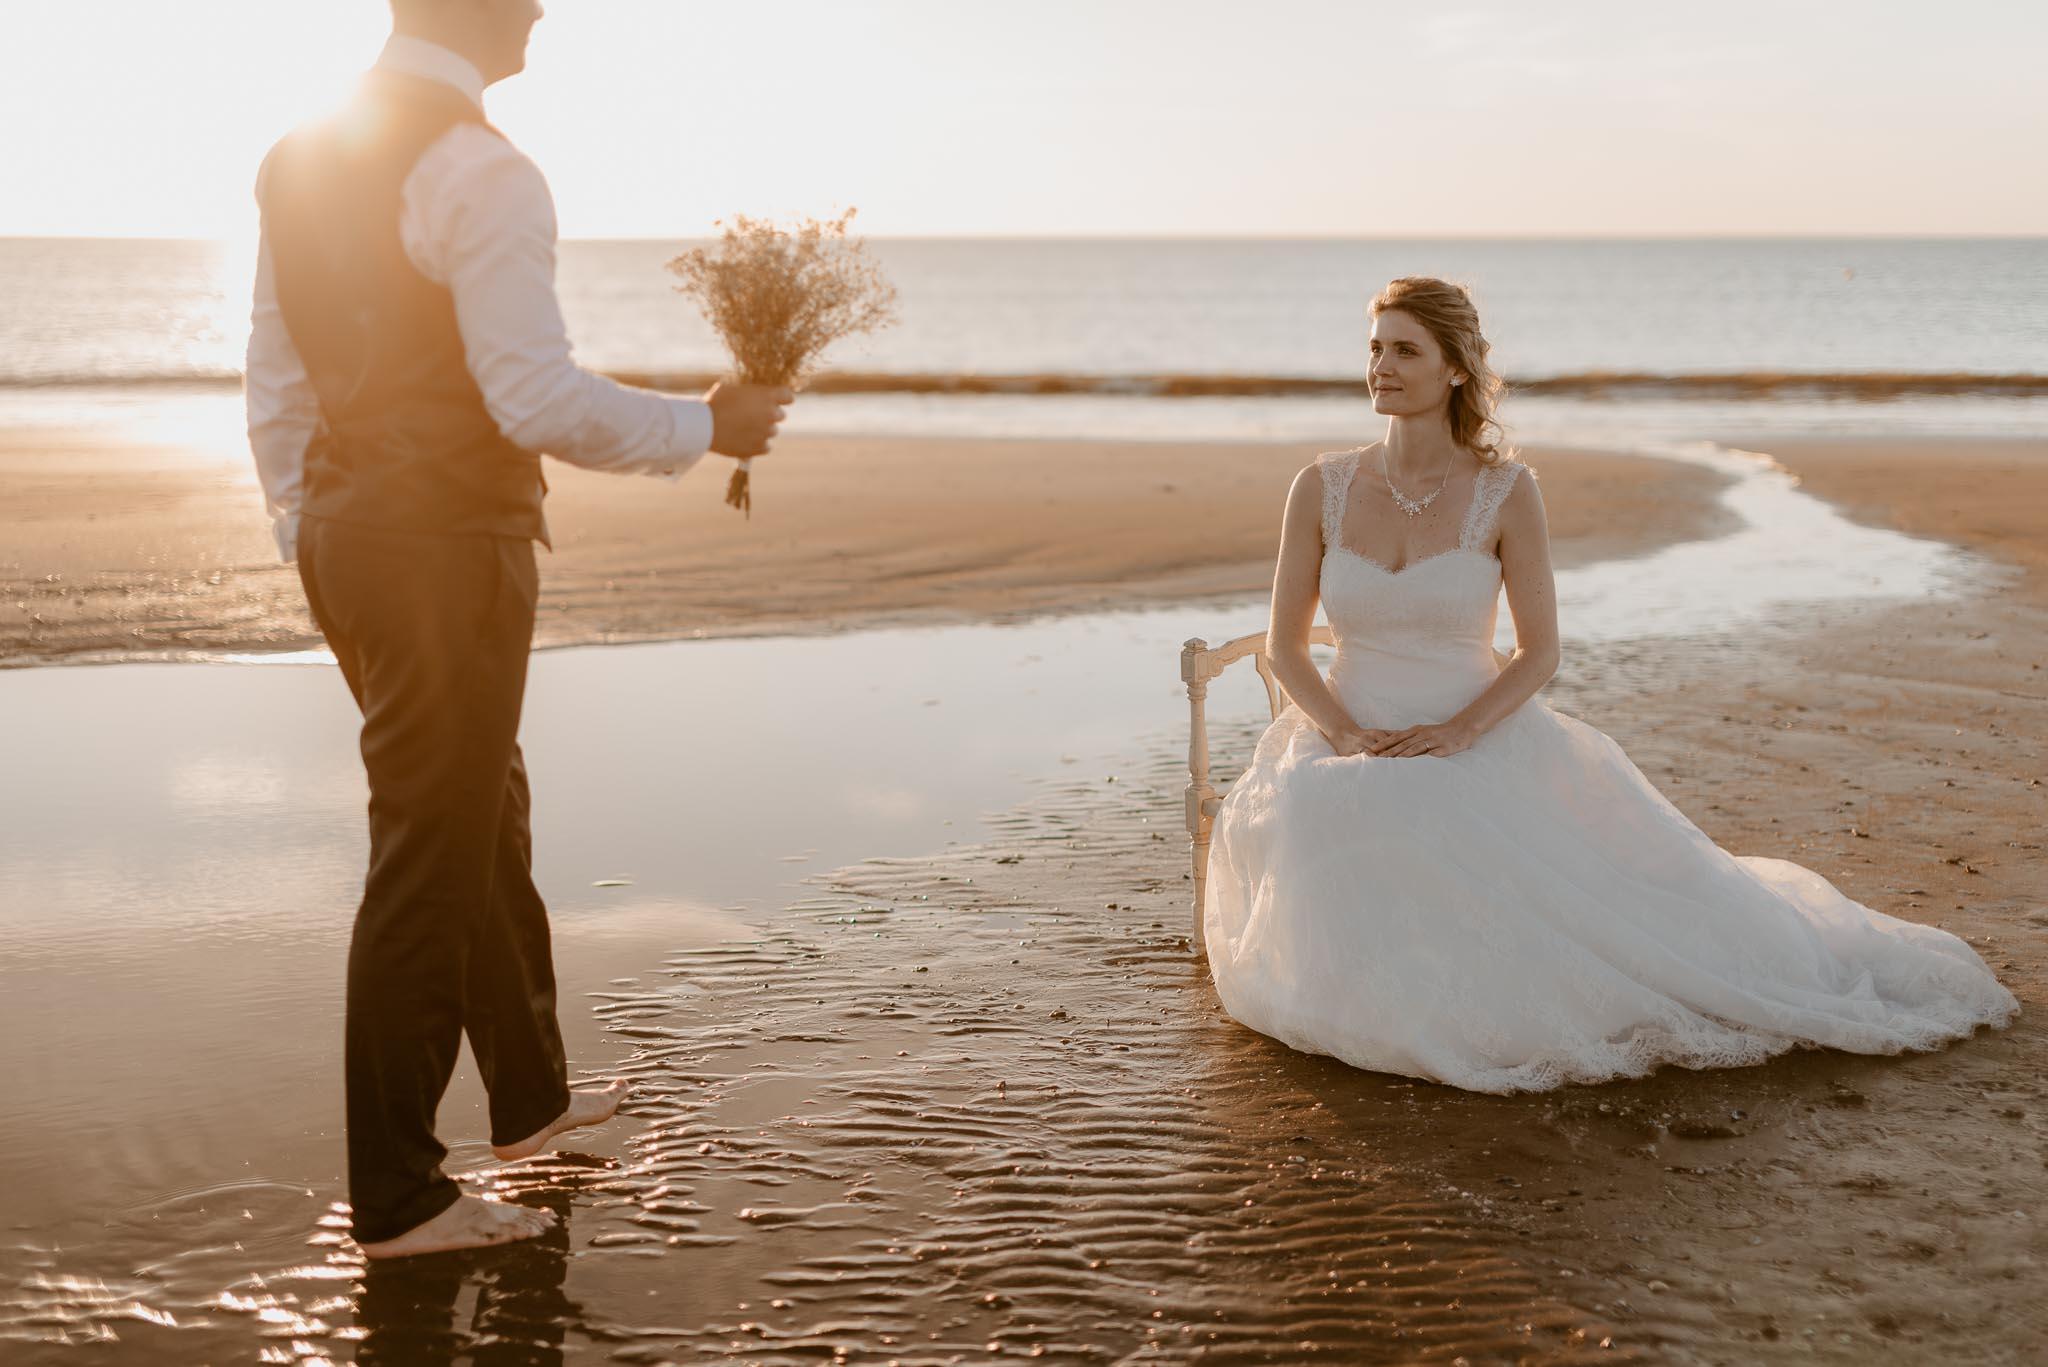 Séance couple après mariage mise en scène poétique et romantique sur la plage à Pornic par Geoffrey Arnoldy photographe